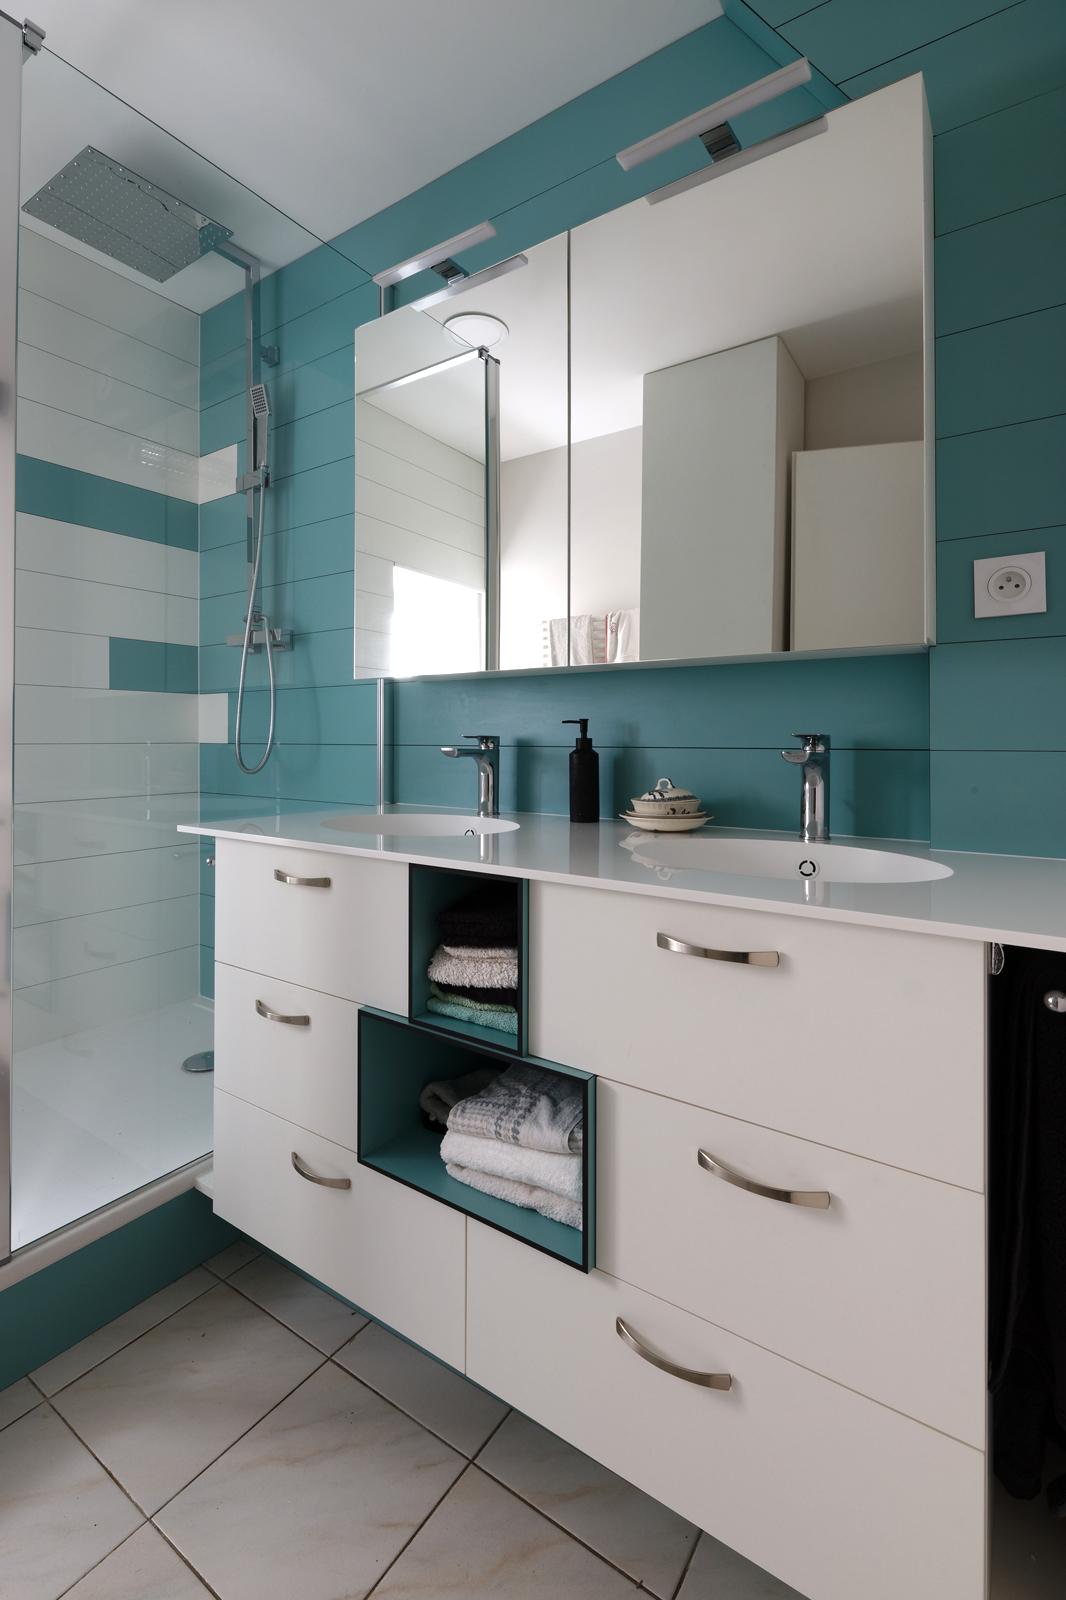 Rénovation salle de bains à Bourg-en-Bresse, Châtillon-sur-Chalaronne